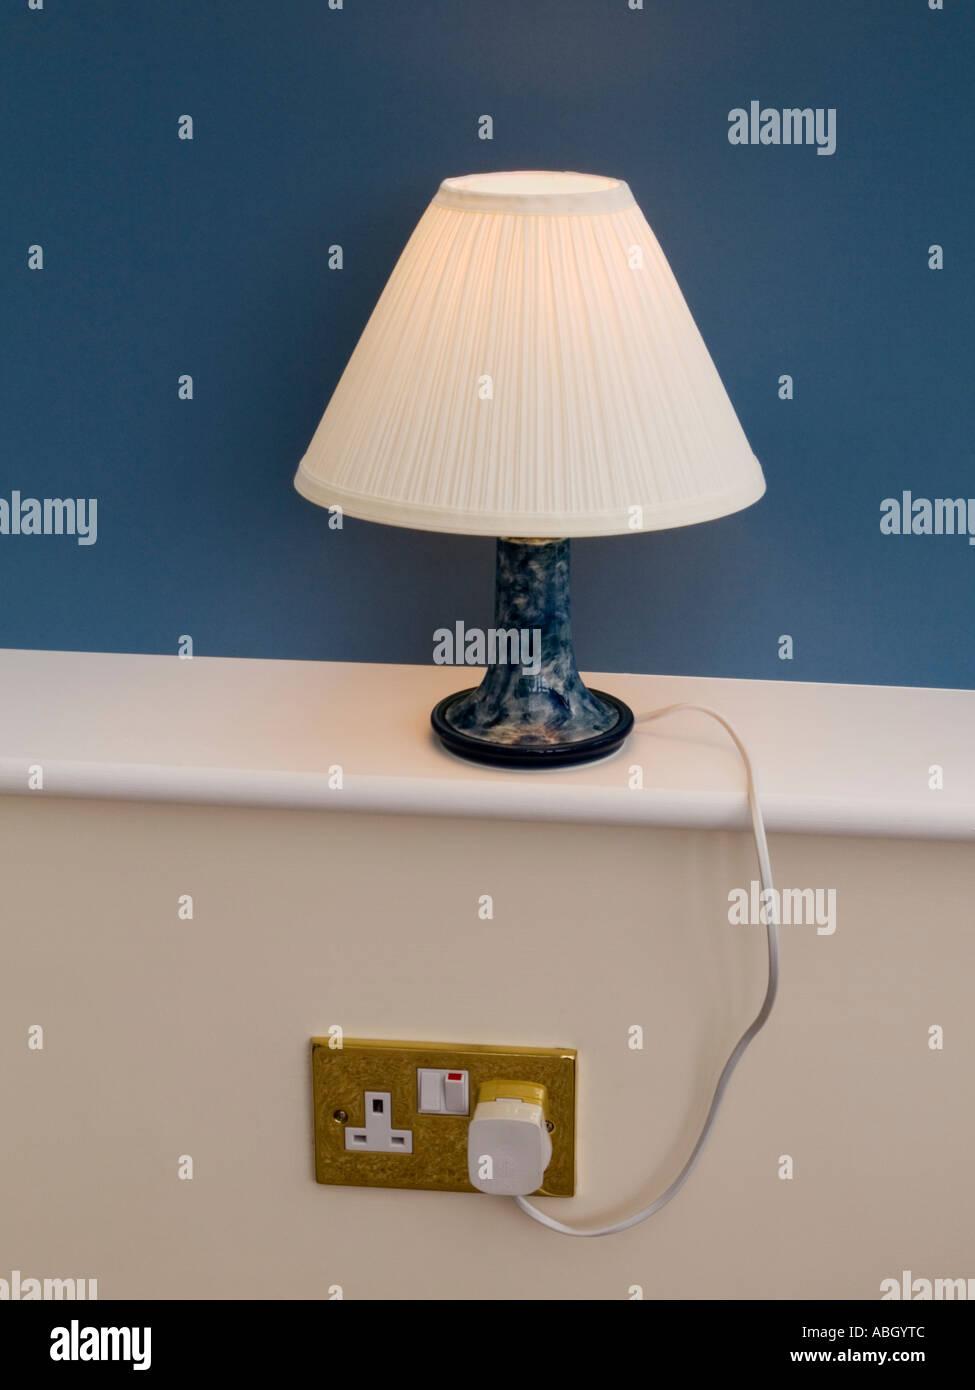 tischleuchte leuchten lampe schatten auf wei em fensterb nke mit blauen hinter in die steckdose. Black Bedroom Furniture Sets. Home Design Ideas